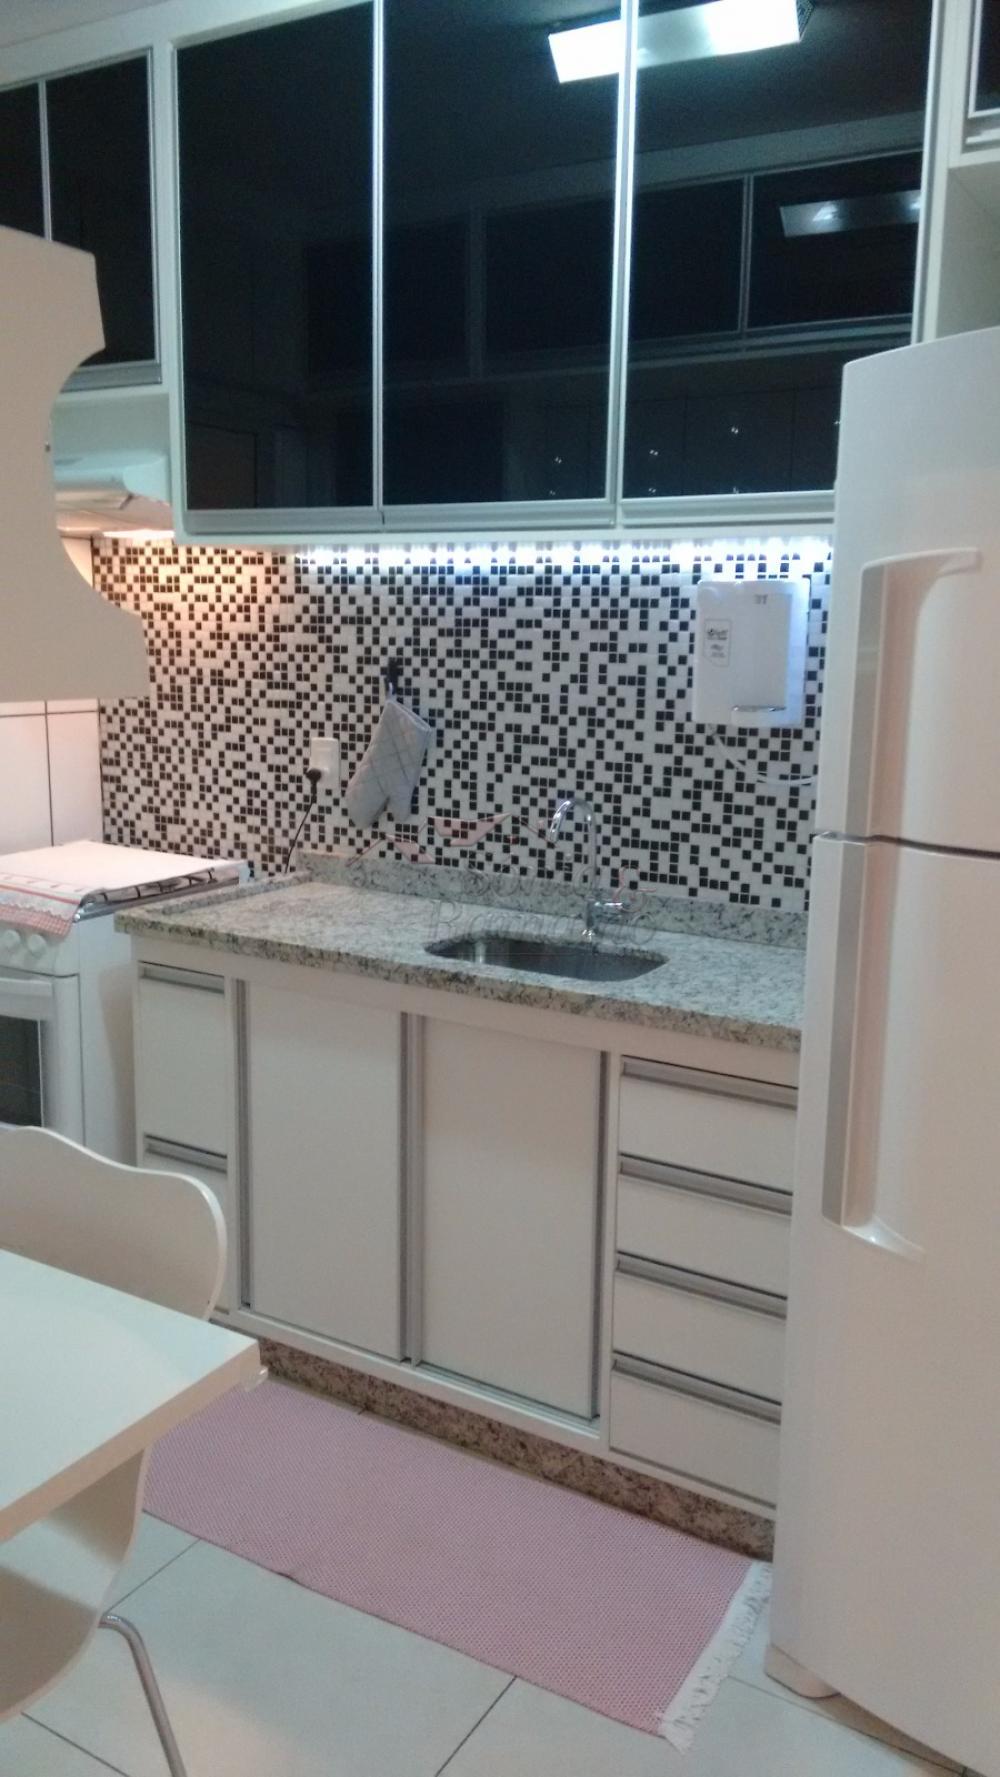 Comprar Apartamentos / Padrão em Ribeirão Preto apenas R$ 600.000,00 - Foto 8